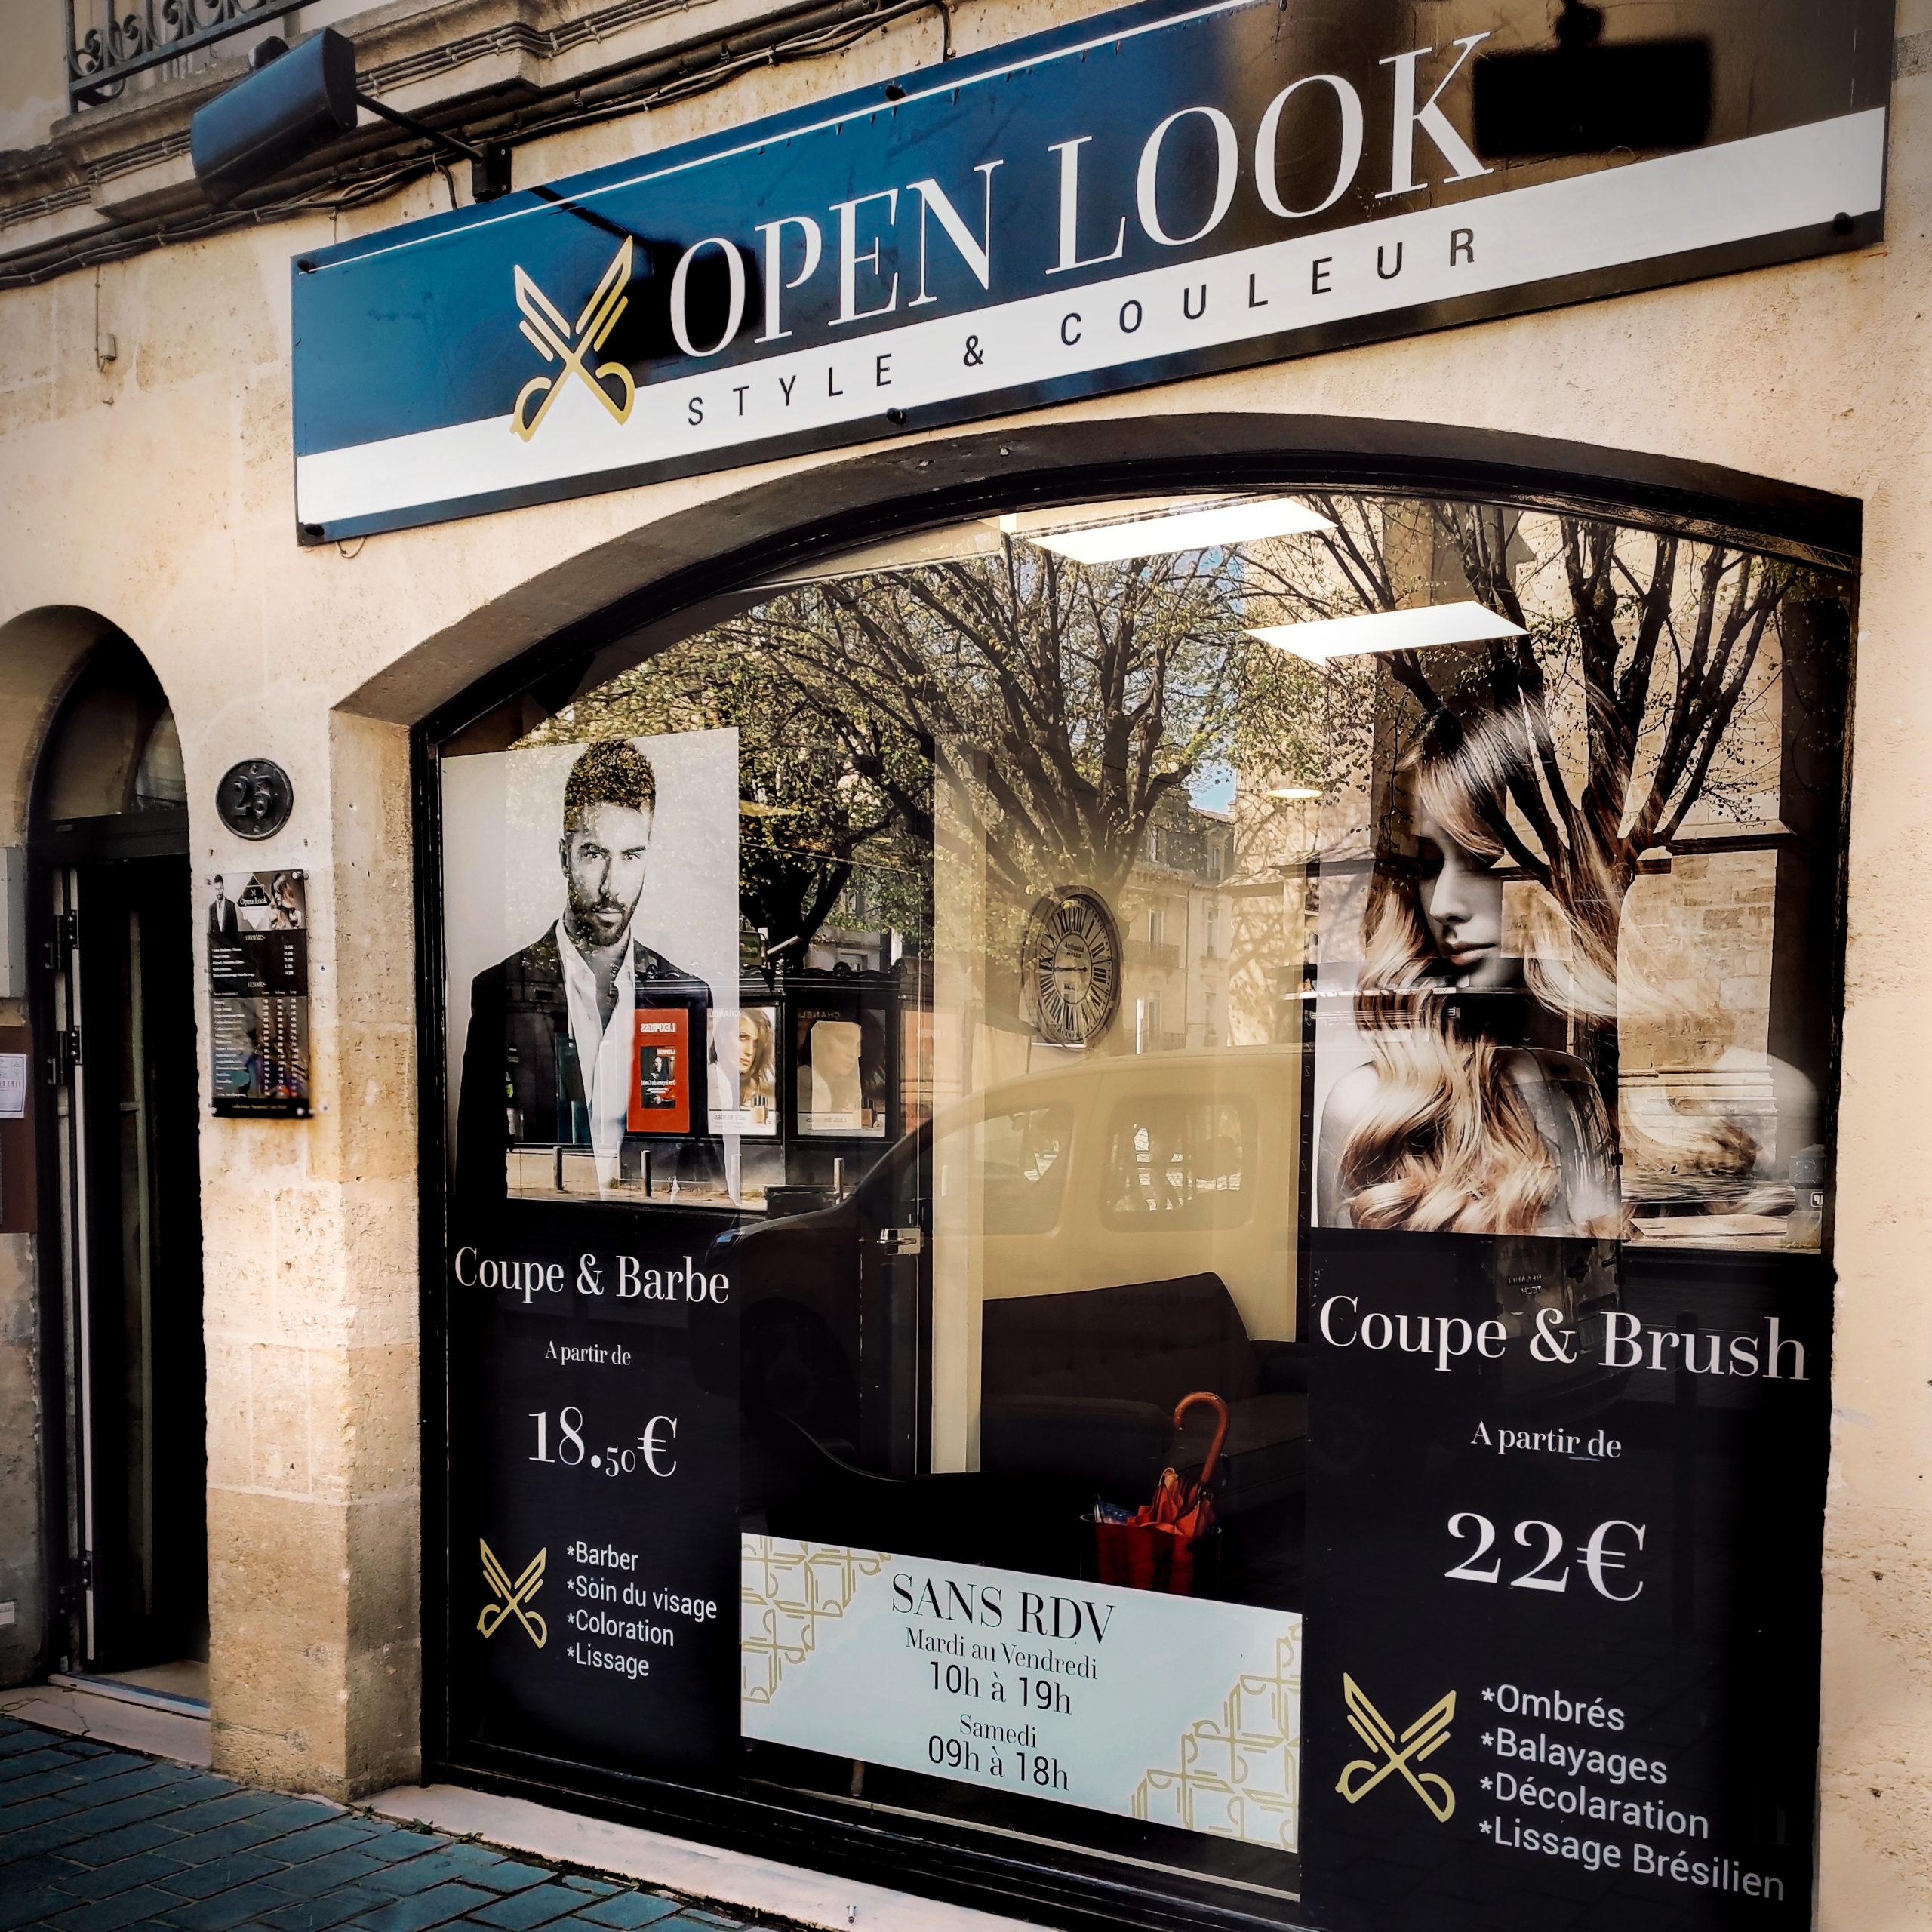 Salon de coiffure et esthétique open look bordeaux